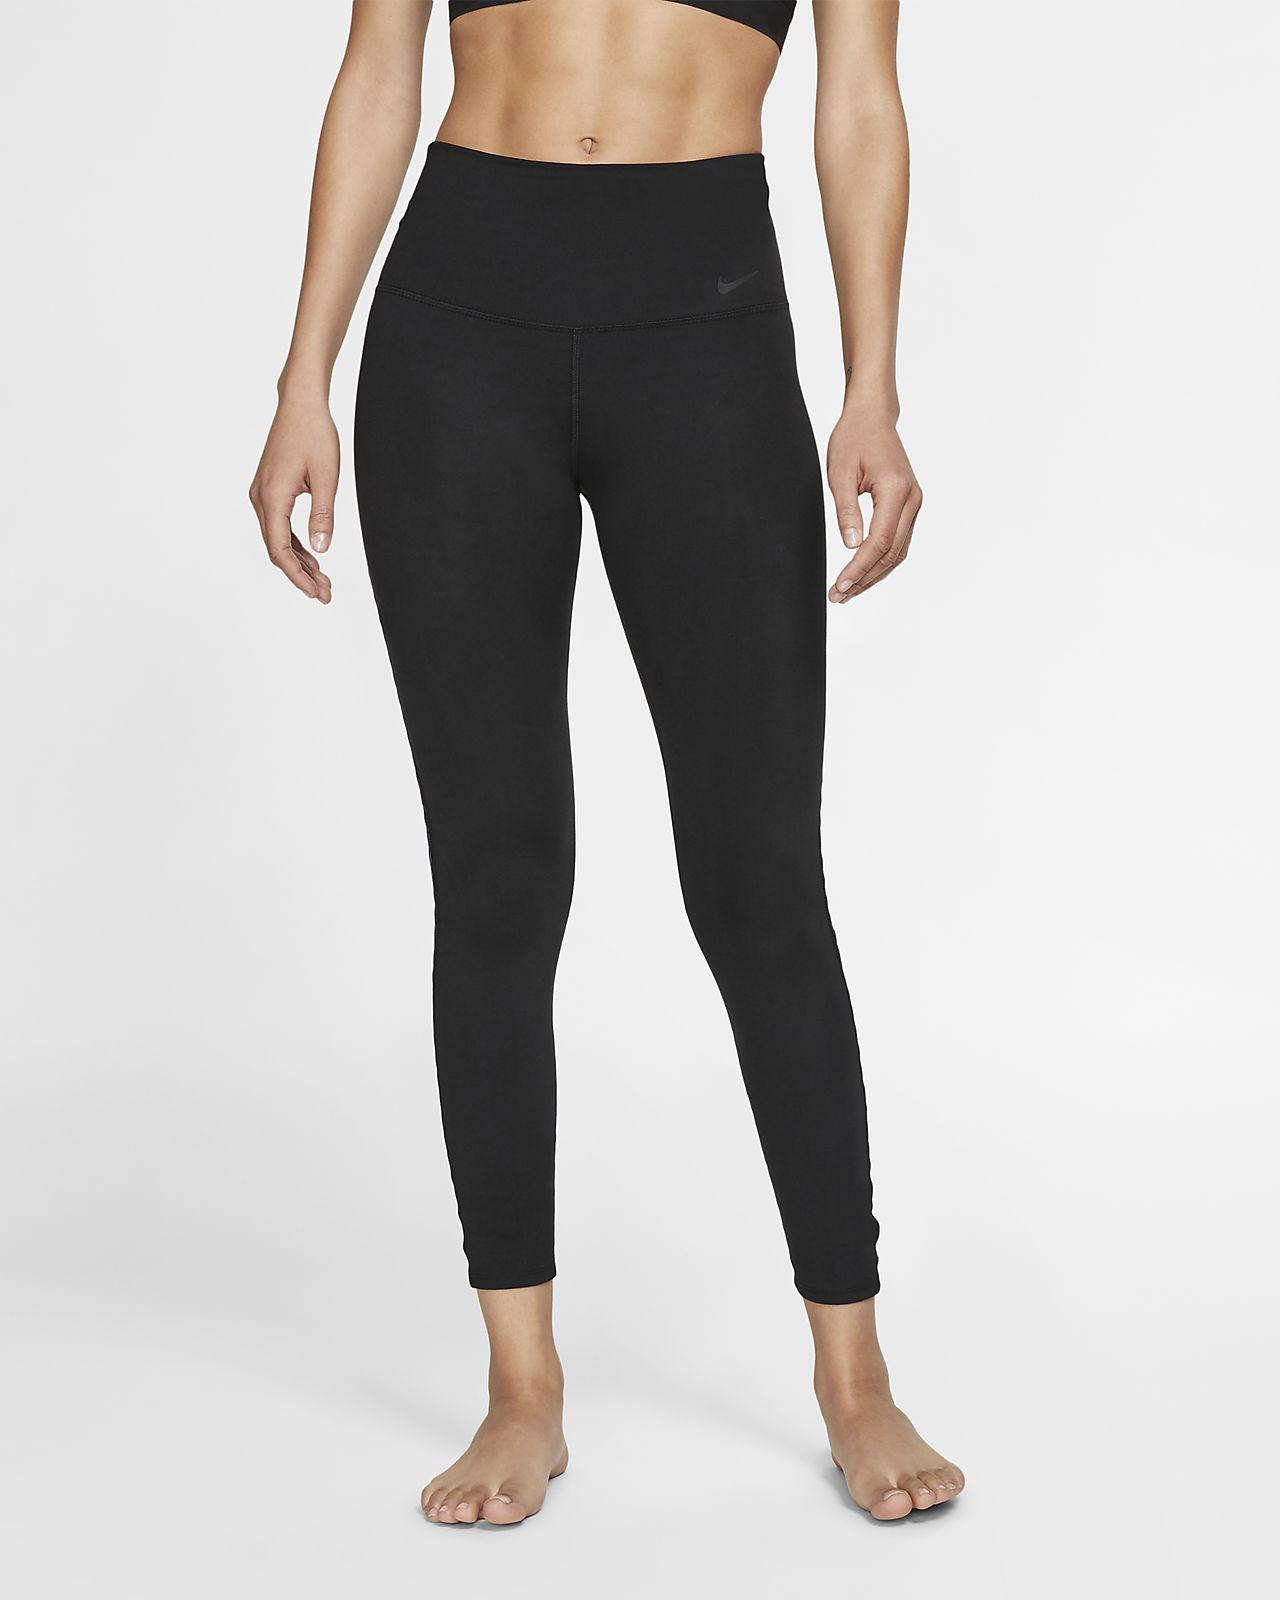 Mallas de entrenamiento de yoga 7/8 para mujer Nike Dri-FIT Power